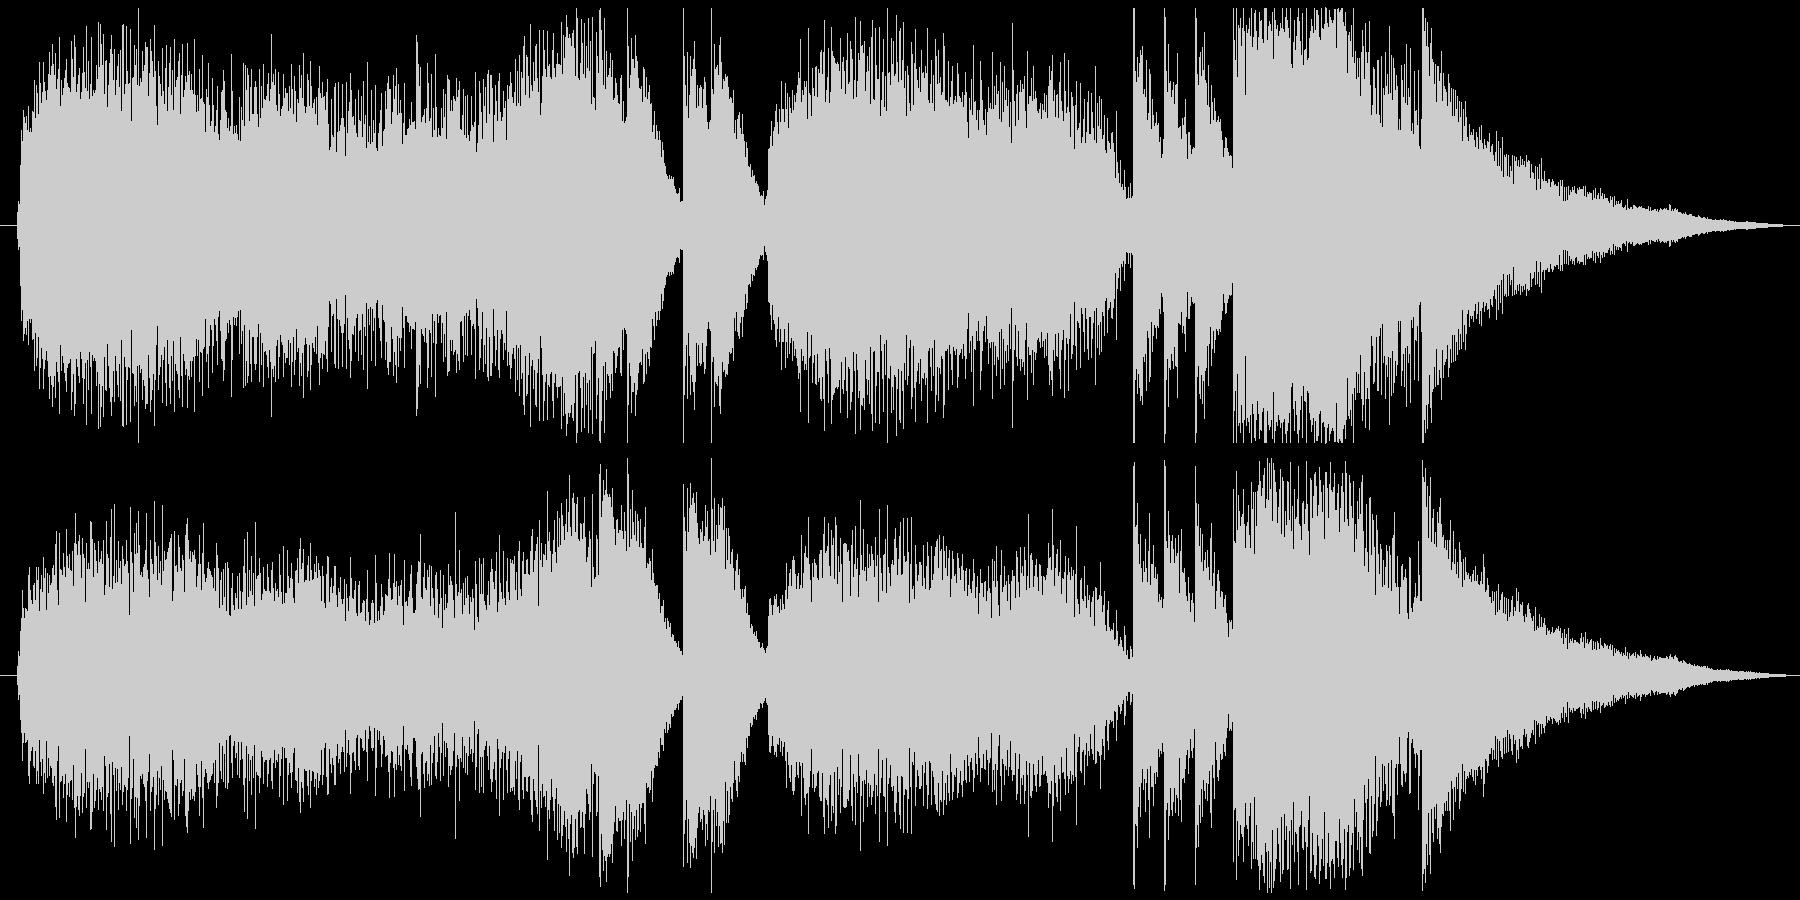 特撮、SF映画、アニメのタイトルバック曲の未再生の波形